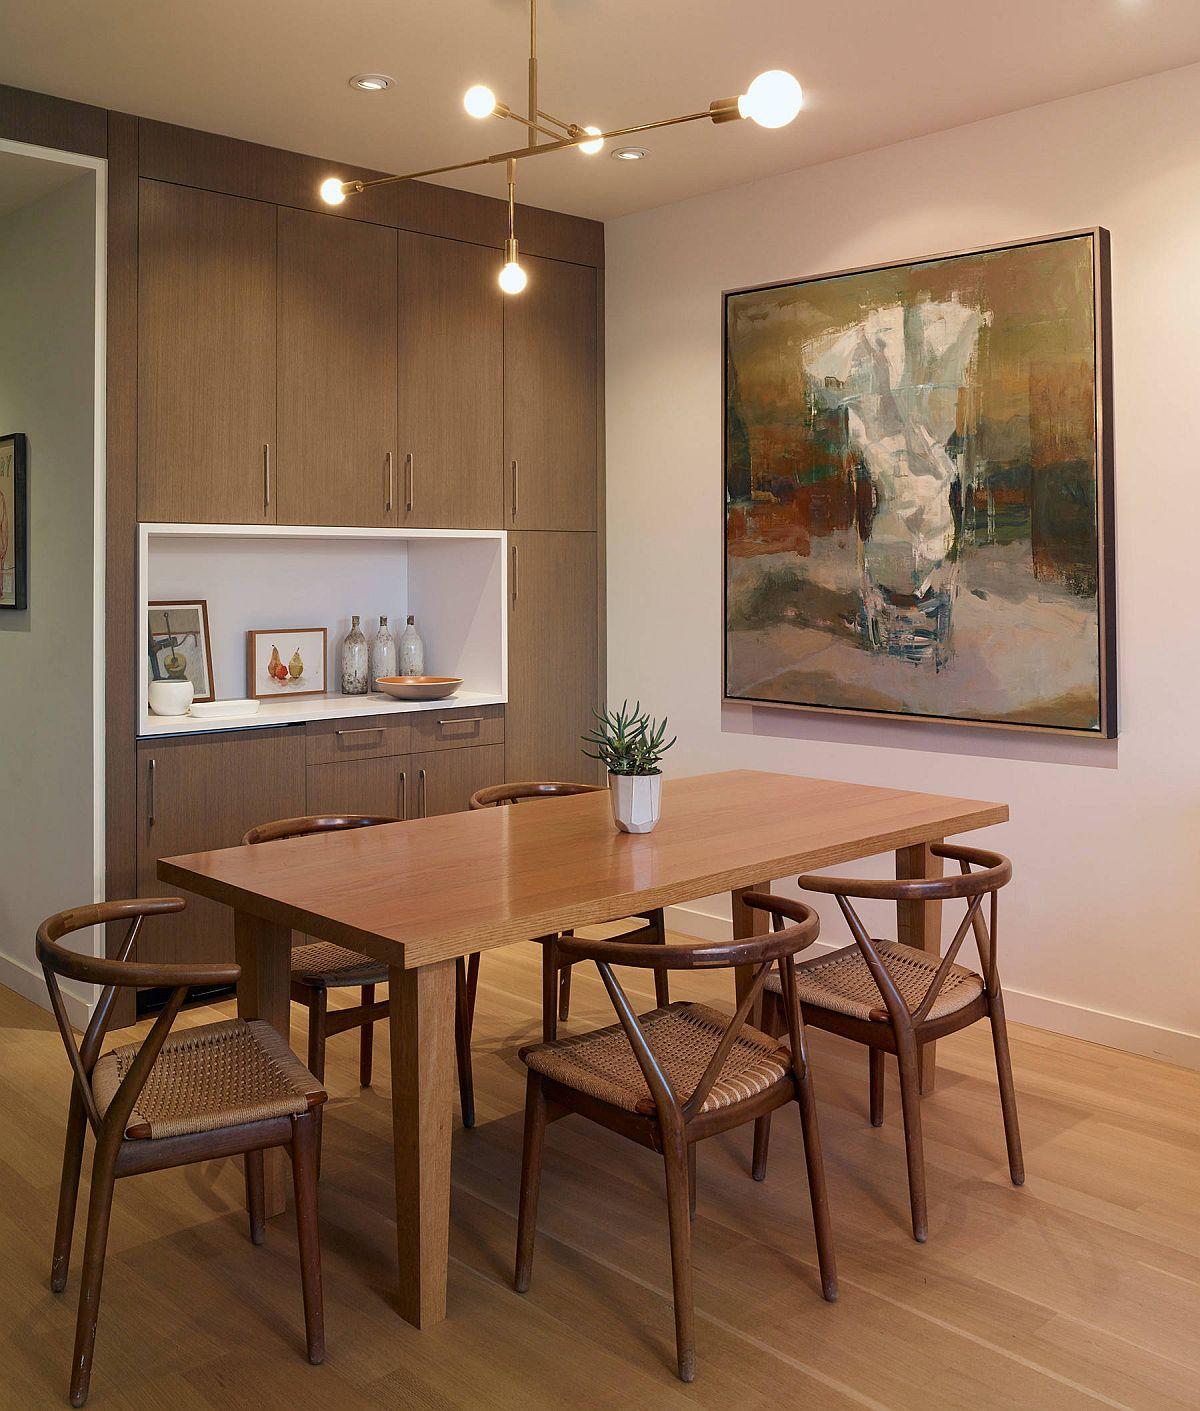 Ảnh hưởng phong cách châu Á được kết hợp với phong cách tối giản trong phòng ăn đẹp này